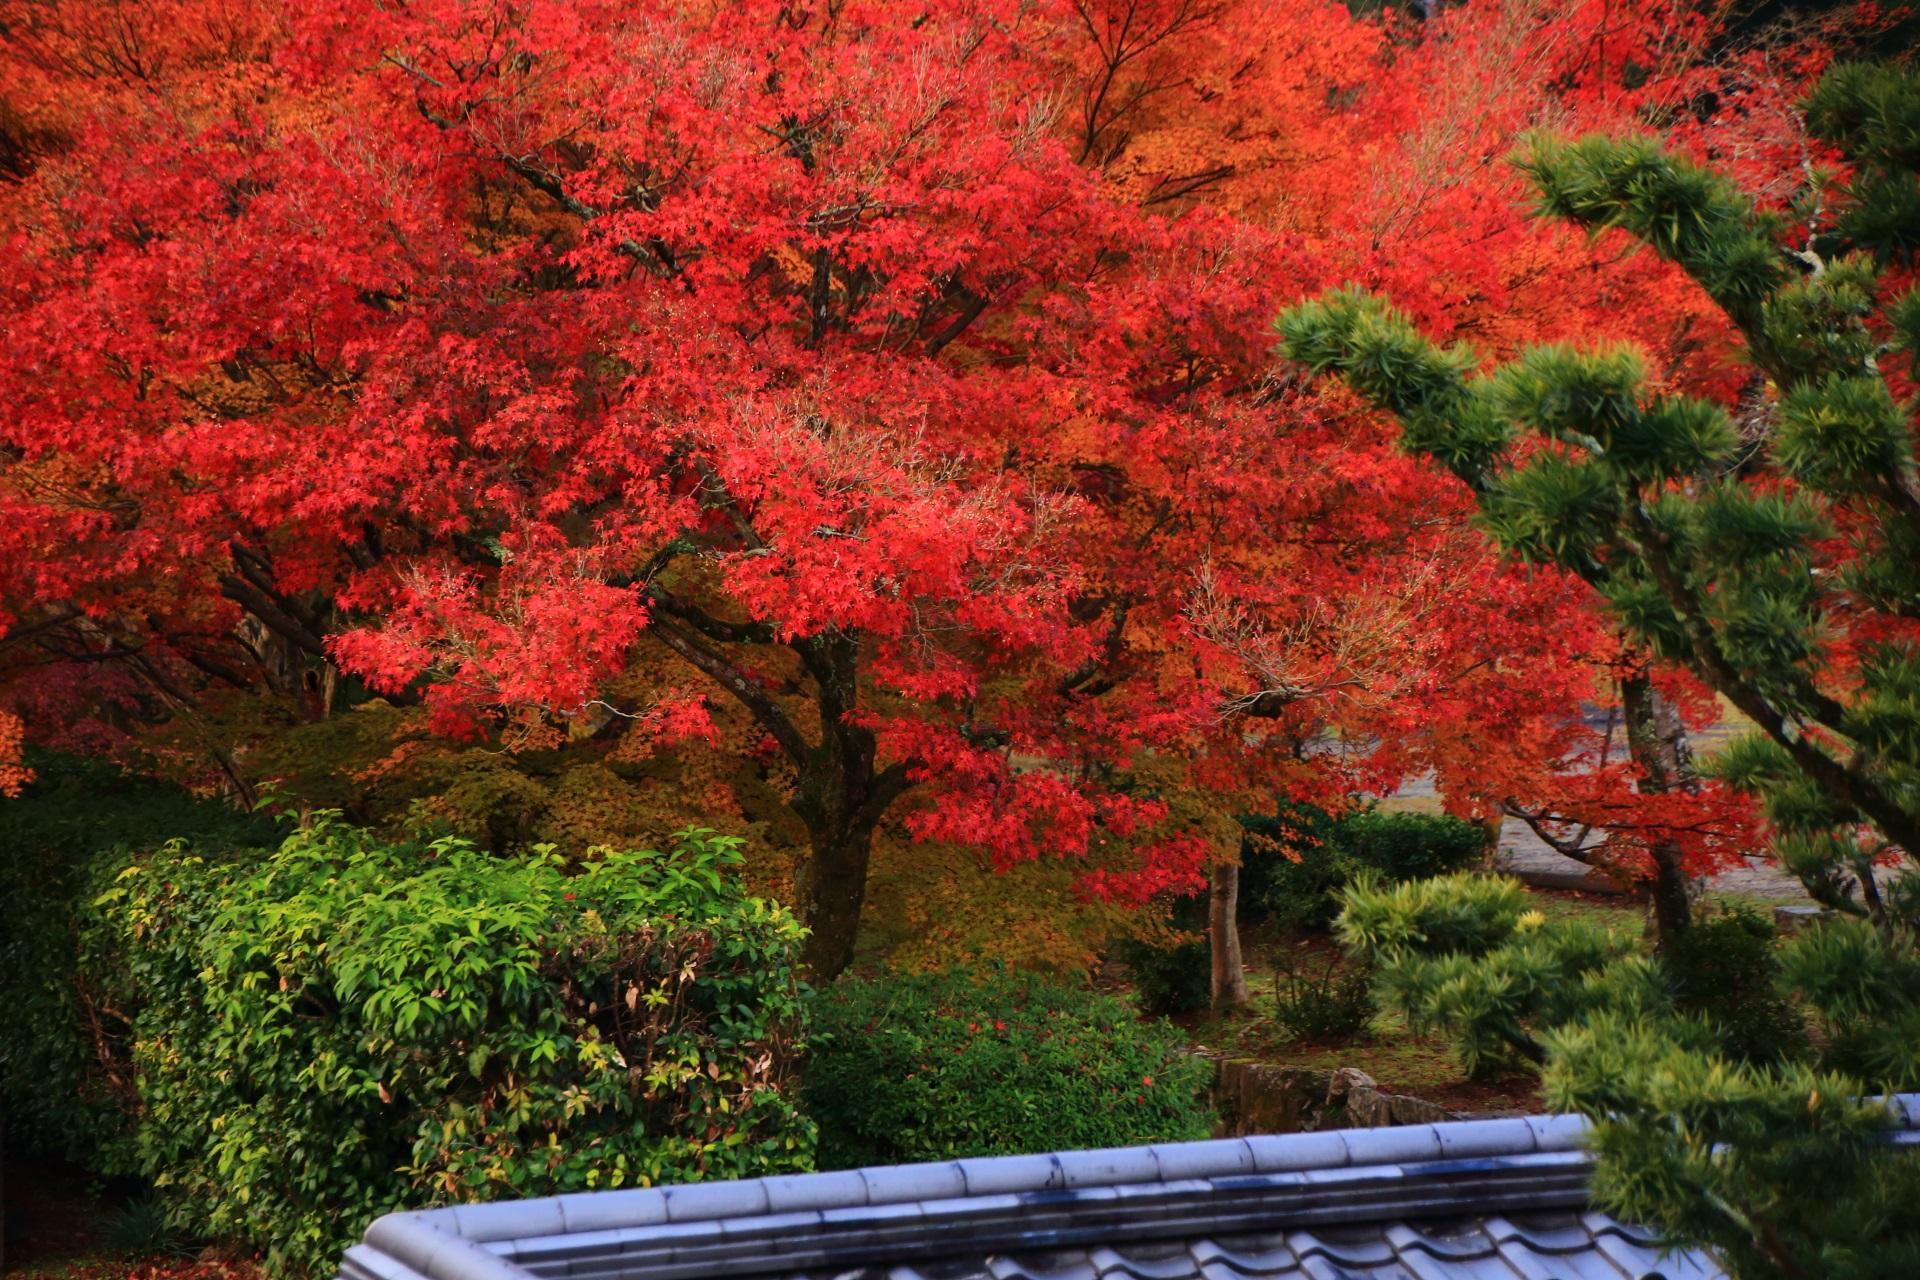 興聖寺の鐘楼付近から眺めた琴坂の真っ赤な紅葉